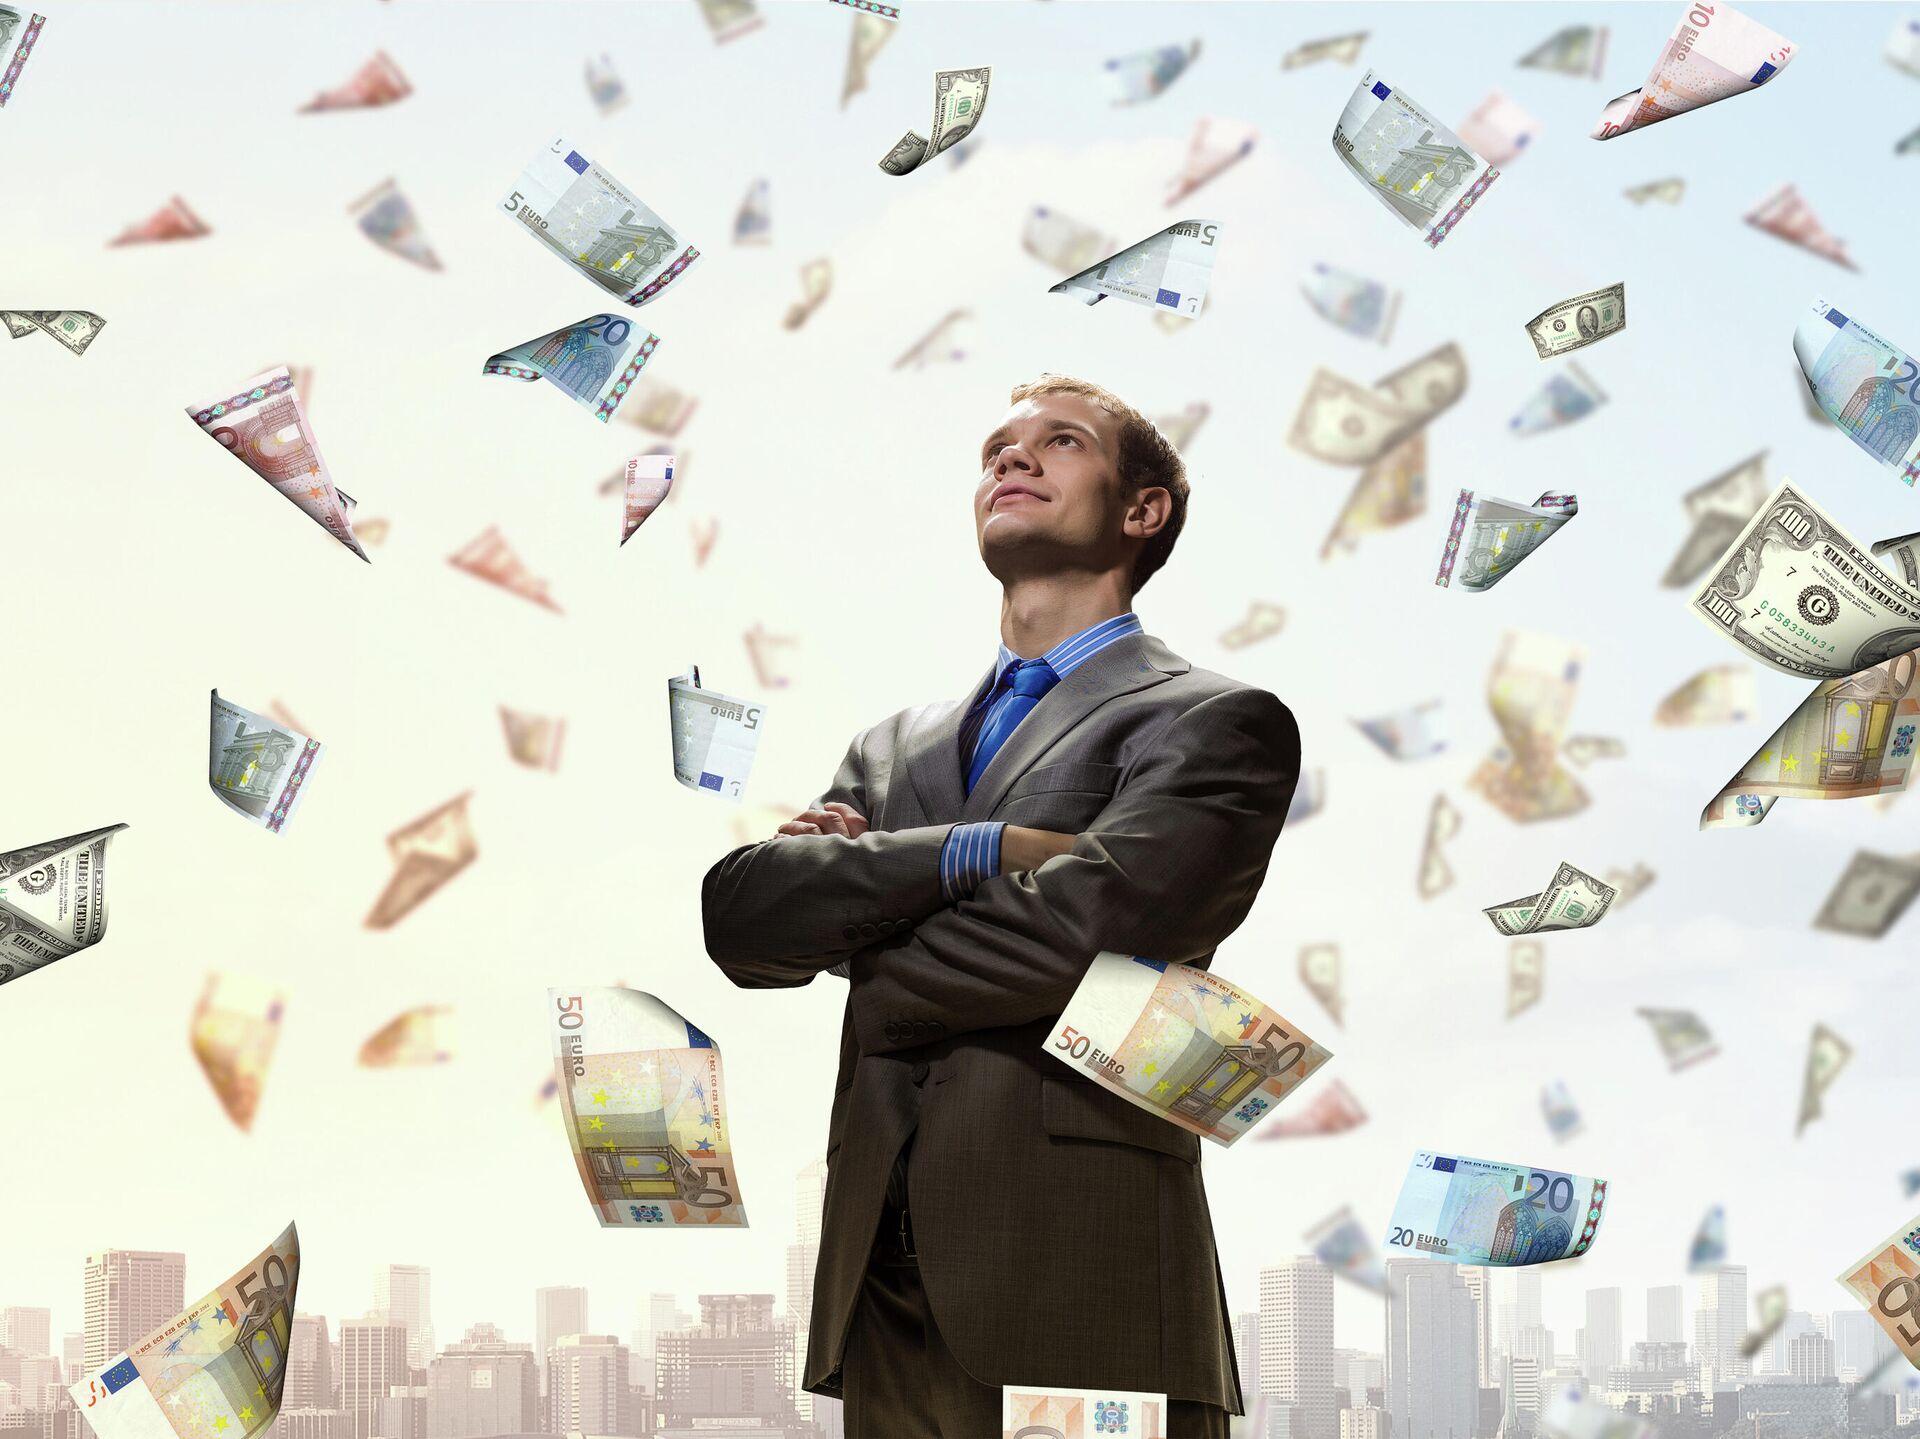 Деньги к деньгам тянутся? Почему одним удается разбогатеть, а другим нет -  РИА Новости, 01.09.2019